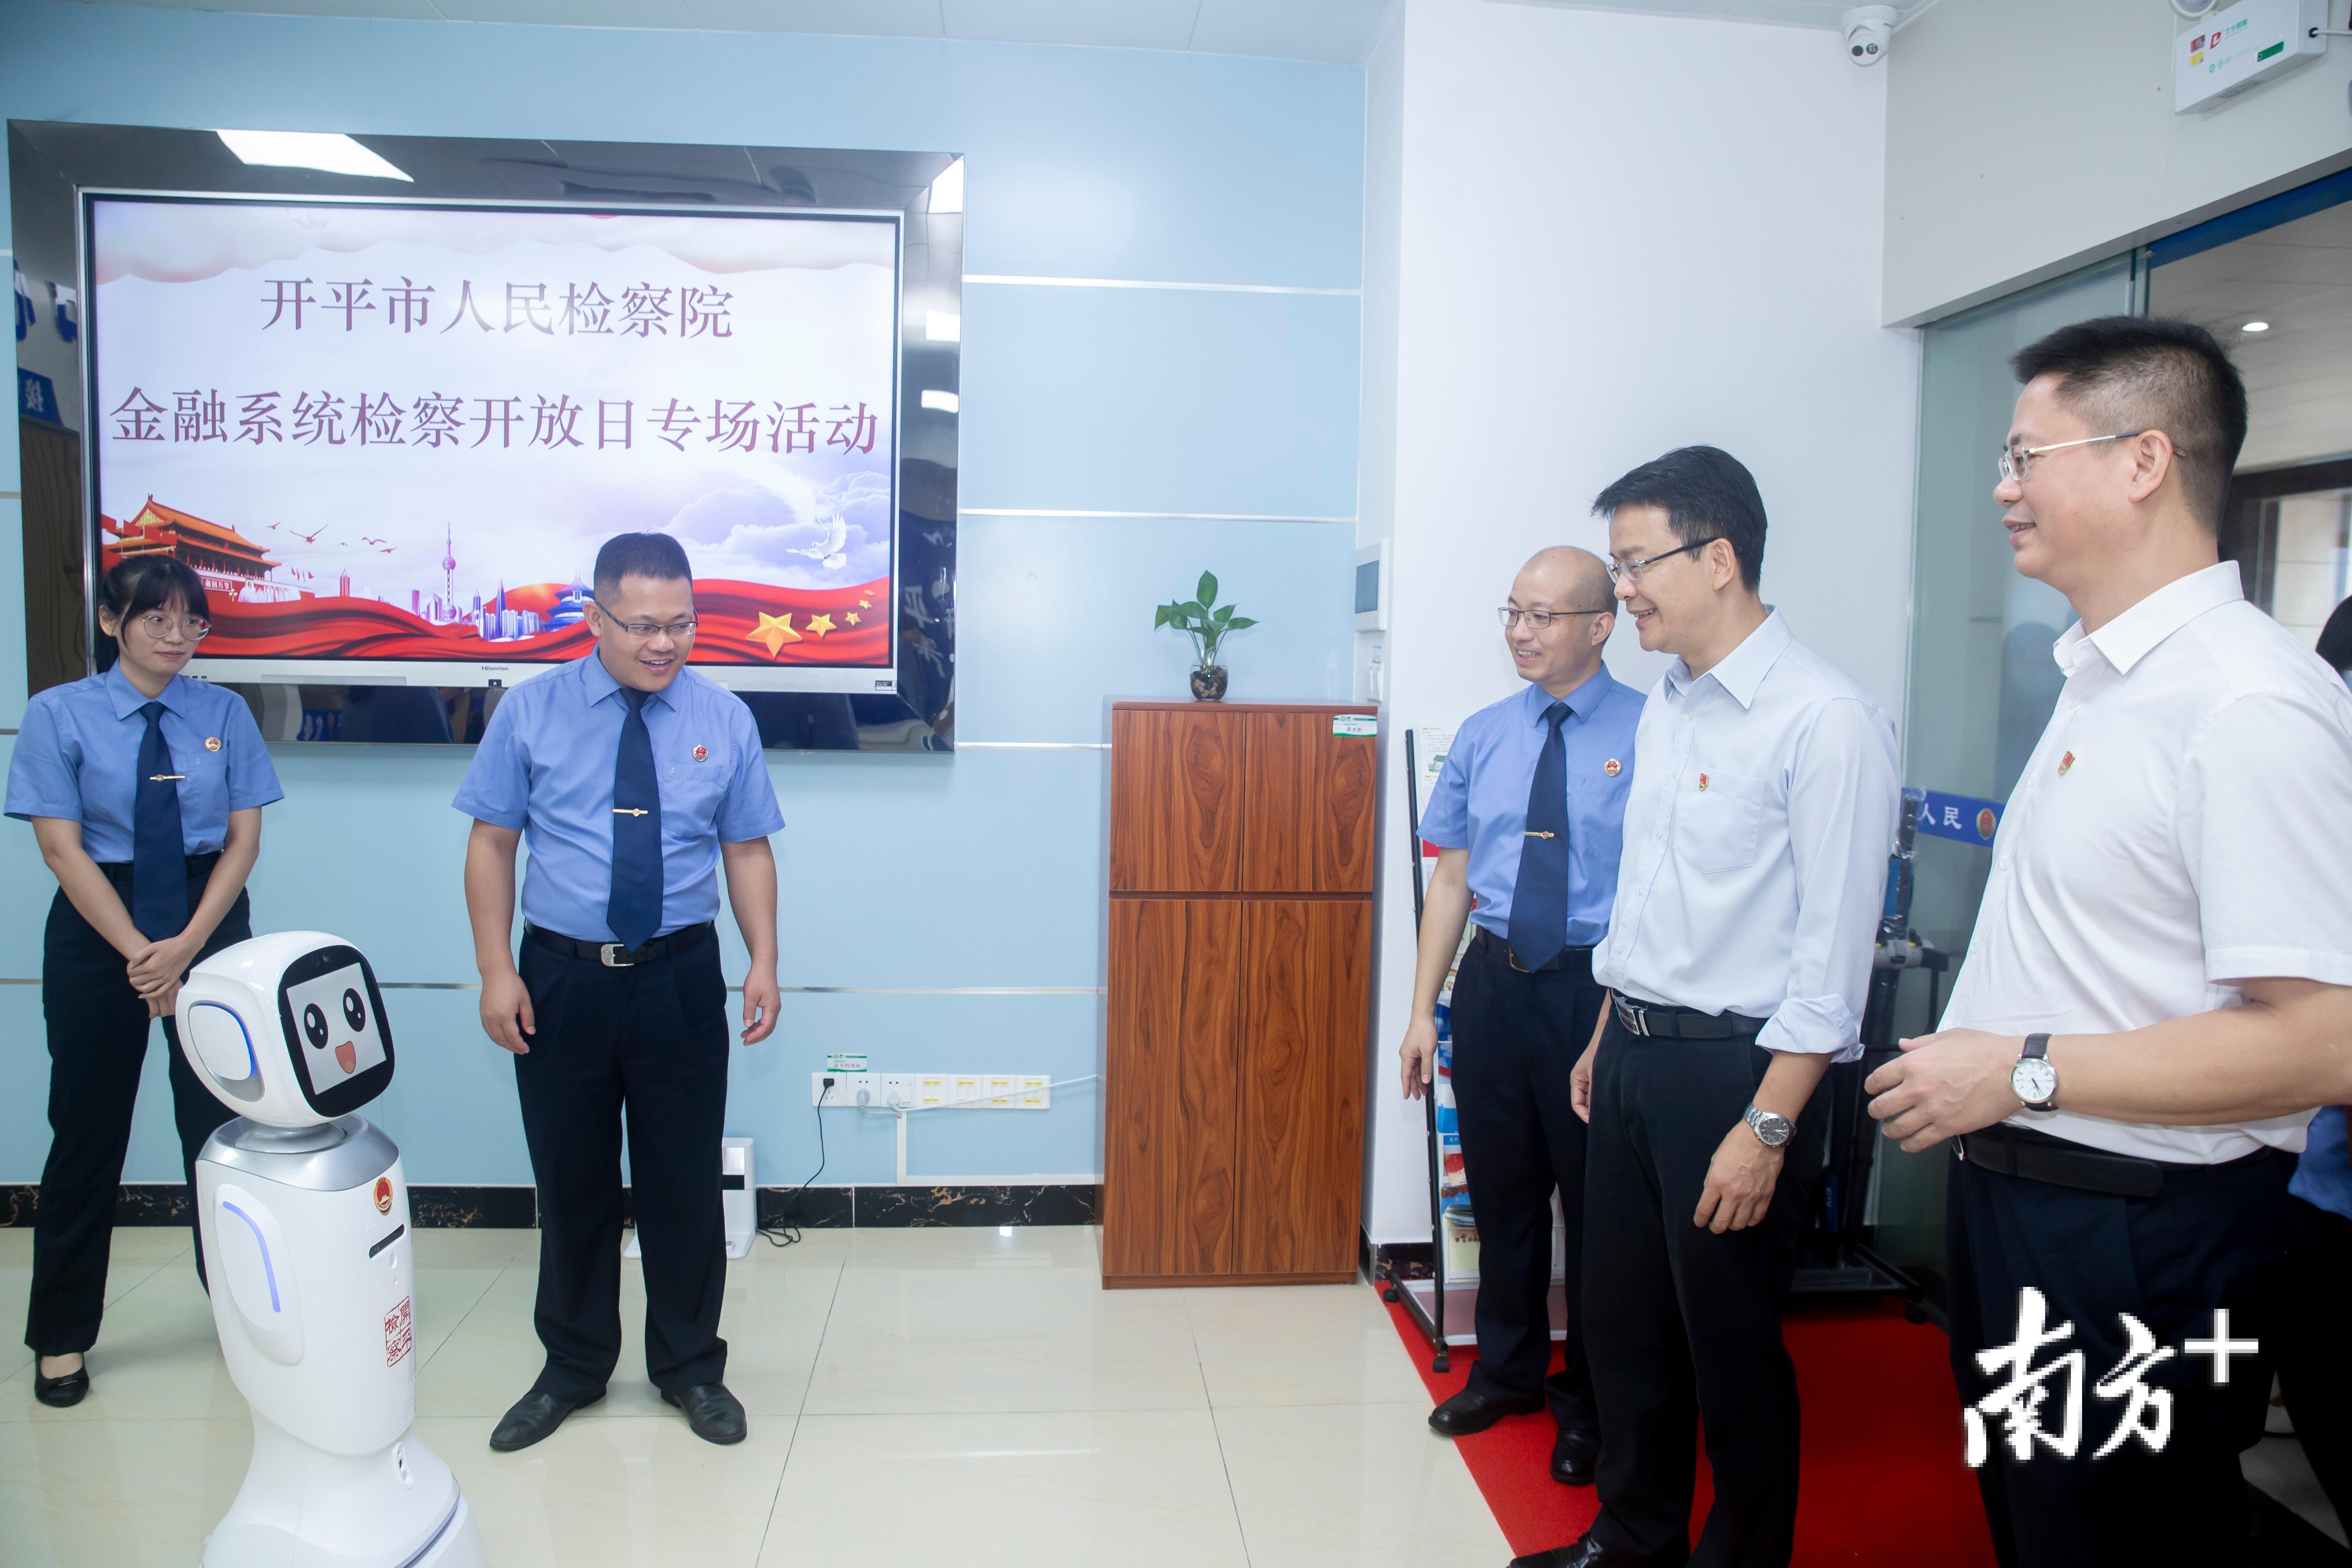 智能机器人为开平市领导、三方单位代表介绍检察机关职能。开平市检察院提供